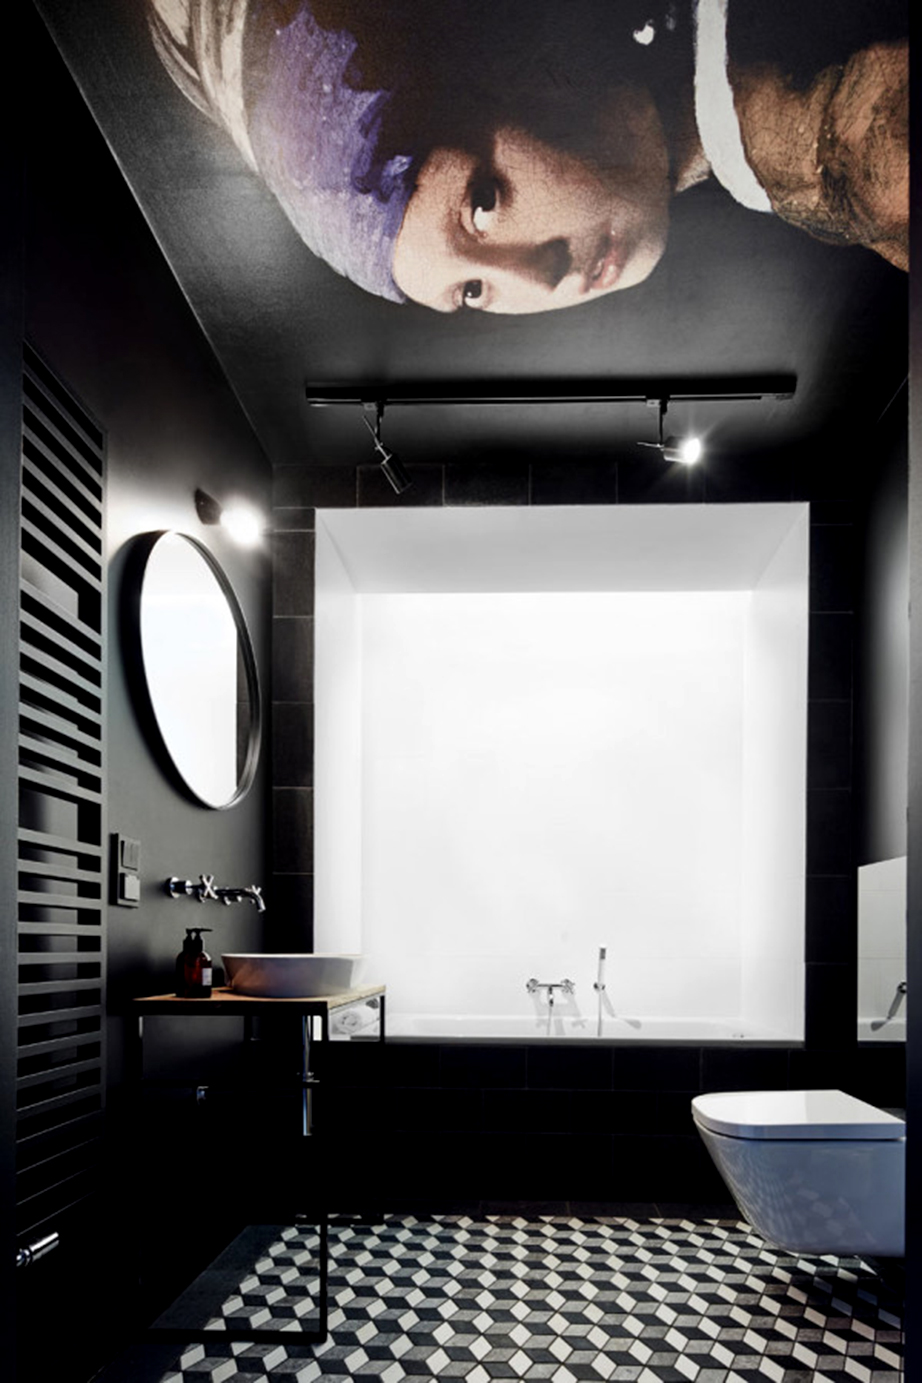 Ένα έργο Τέχνης αποτυπωμένο στο ταβάνι του μπάνιου και με την μπανιέρα να βρίσκεται σε μια λευκή εσοχή κάνει αυτό το μπάνιο να μοιάζει με γκαλερί.